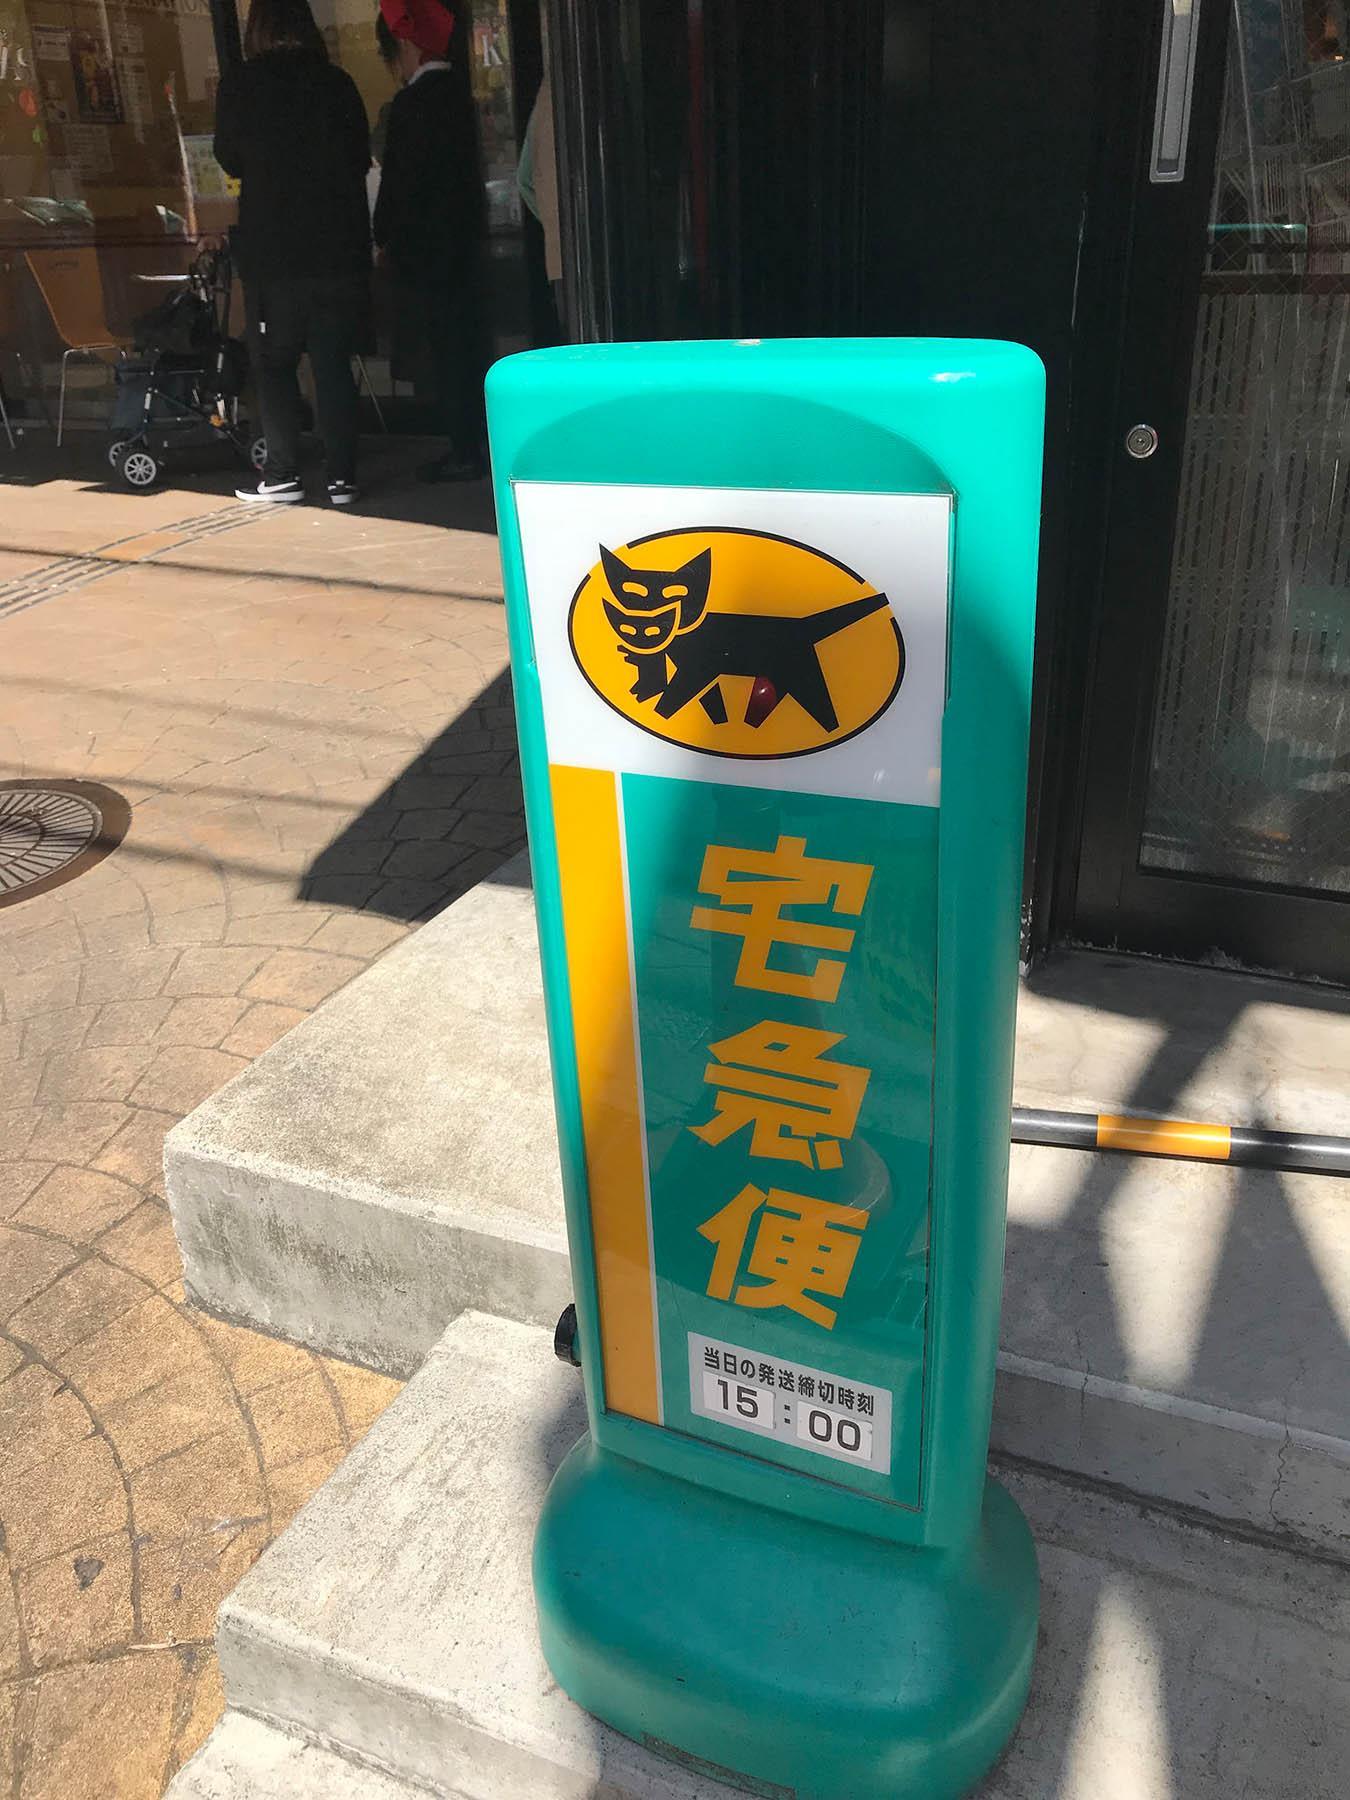 «Куронэко» означает «черная кошка». Логотип компании — черная кошка, которая несет в зубах котенка